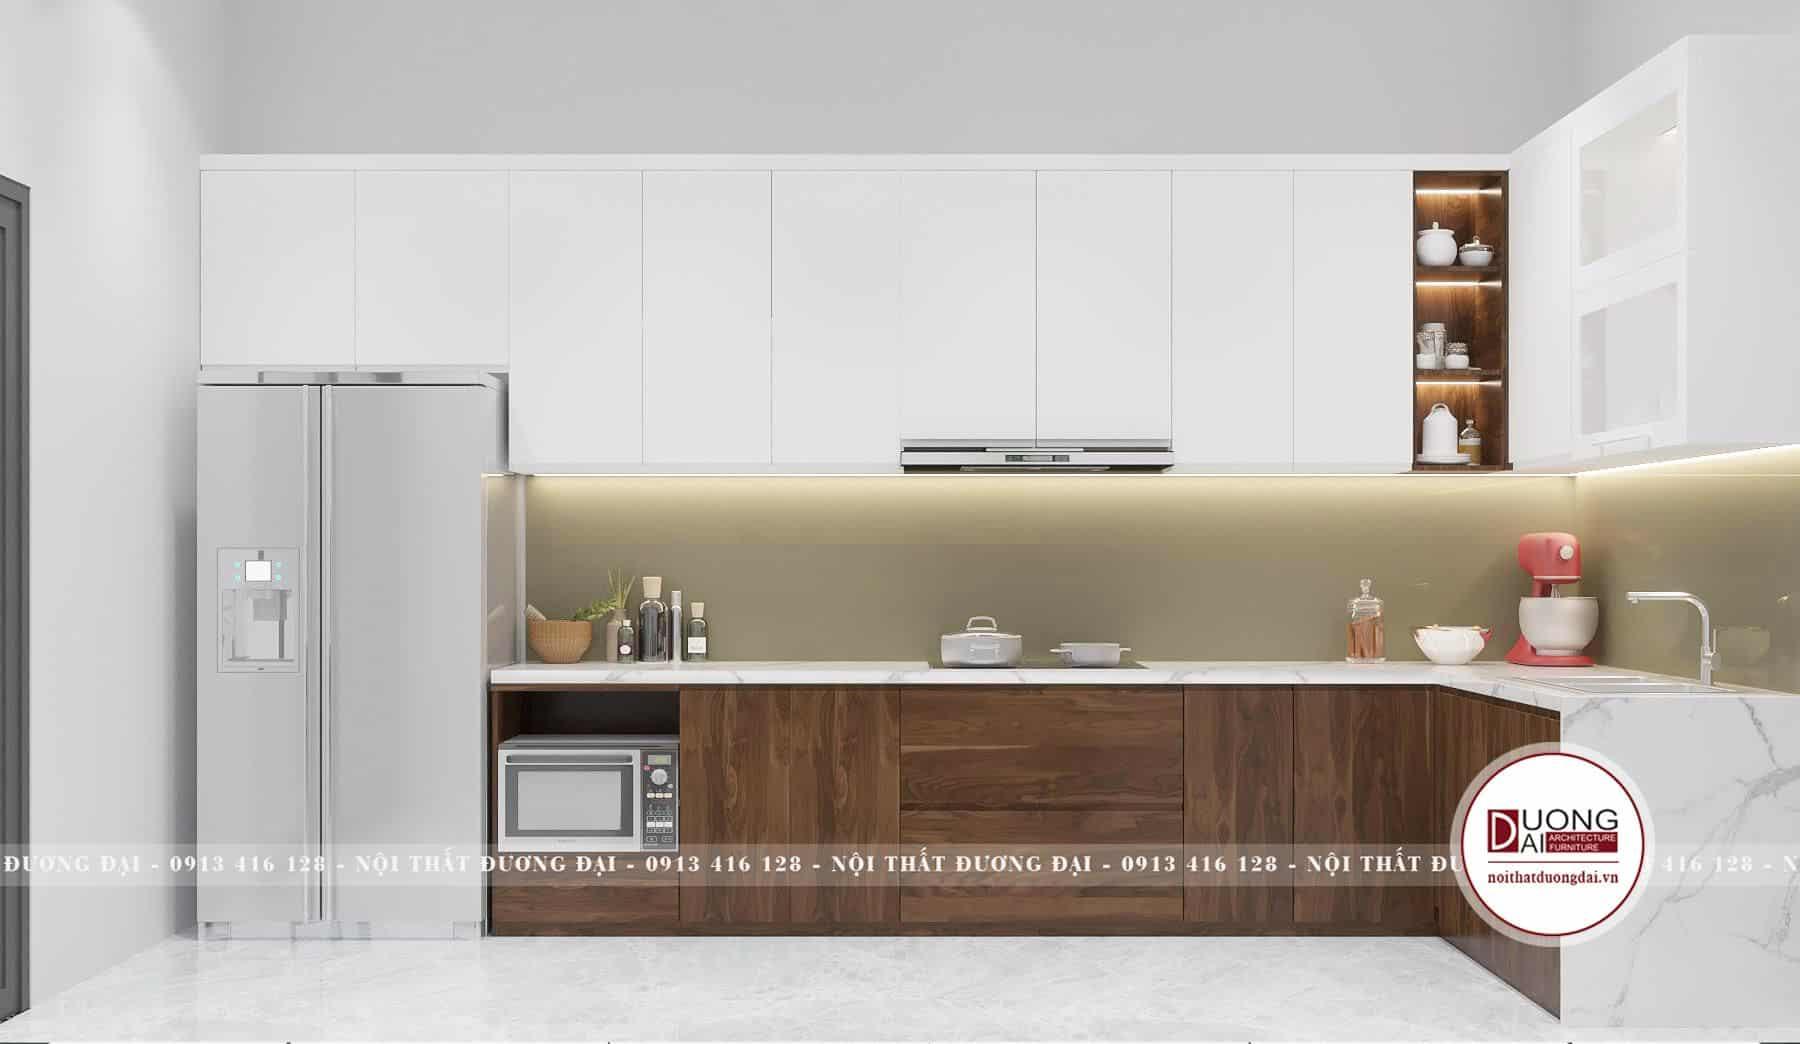 Tủ bếp gỗ MFC màu trắng và vân gỗ óc chó đầy tiện nghi